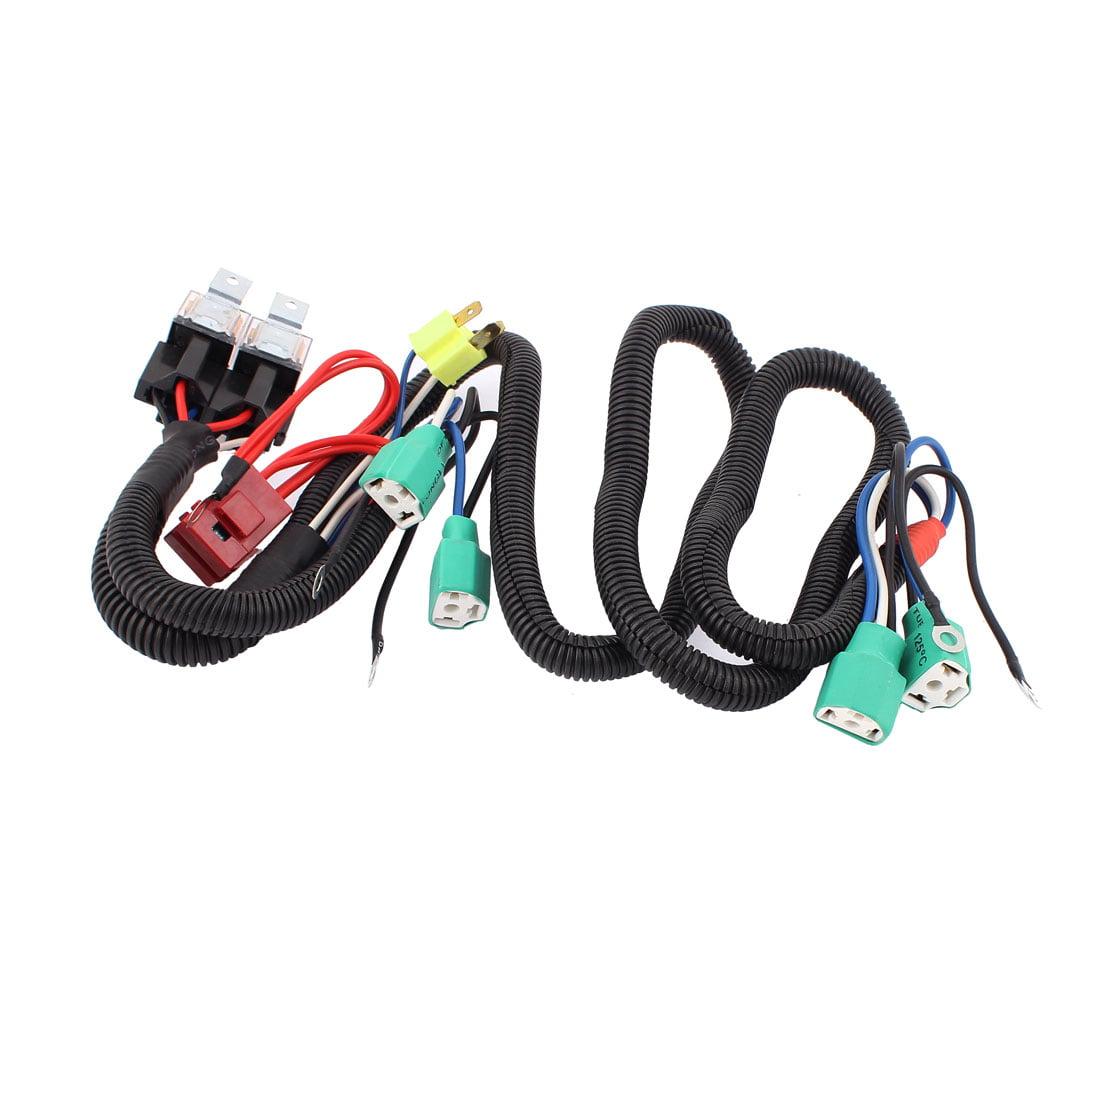 Car Auto 4 H4 HID Xenon Headlight Fog Lamp Fuse Relay Wire Harness DC 12V